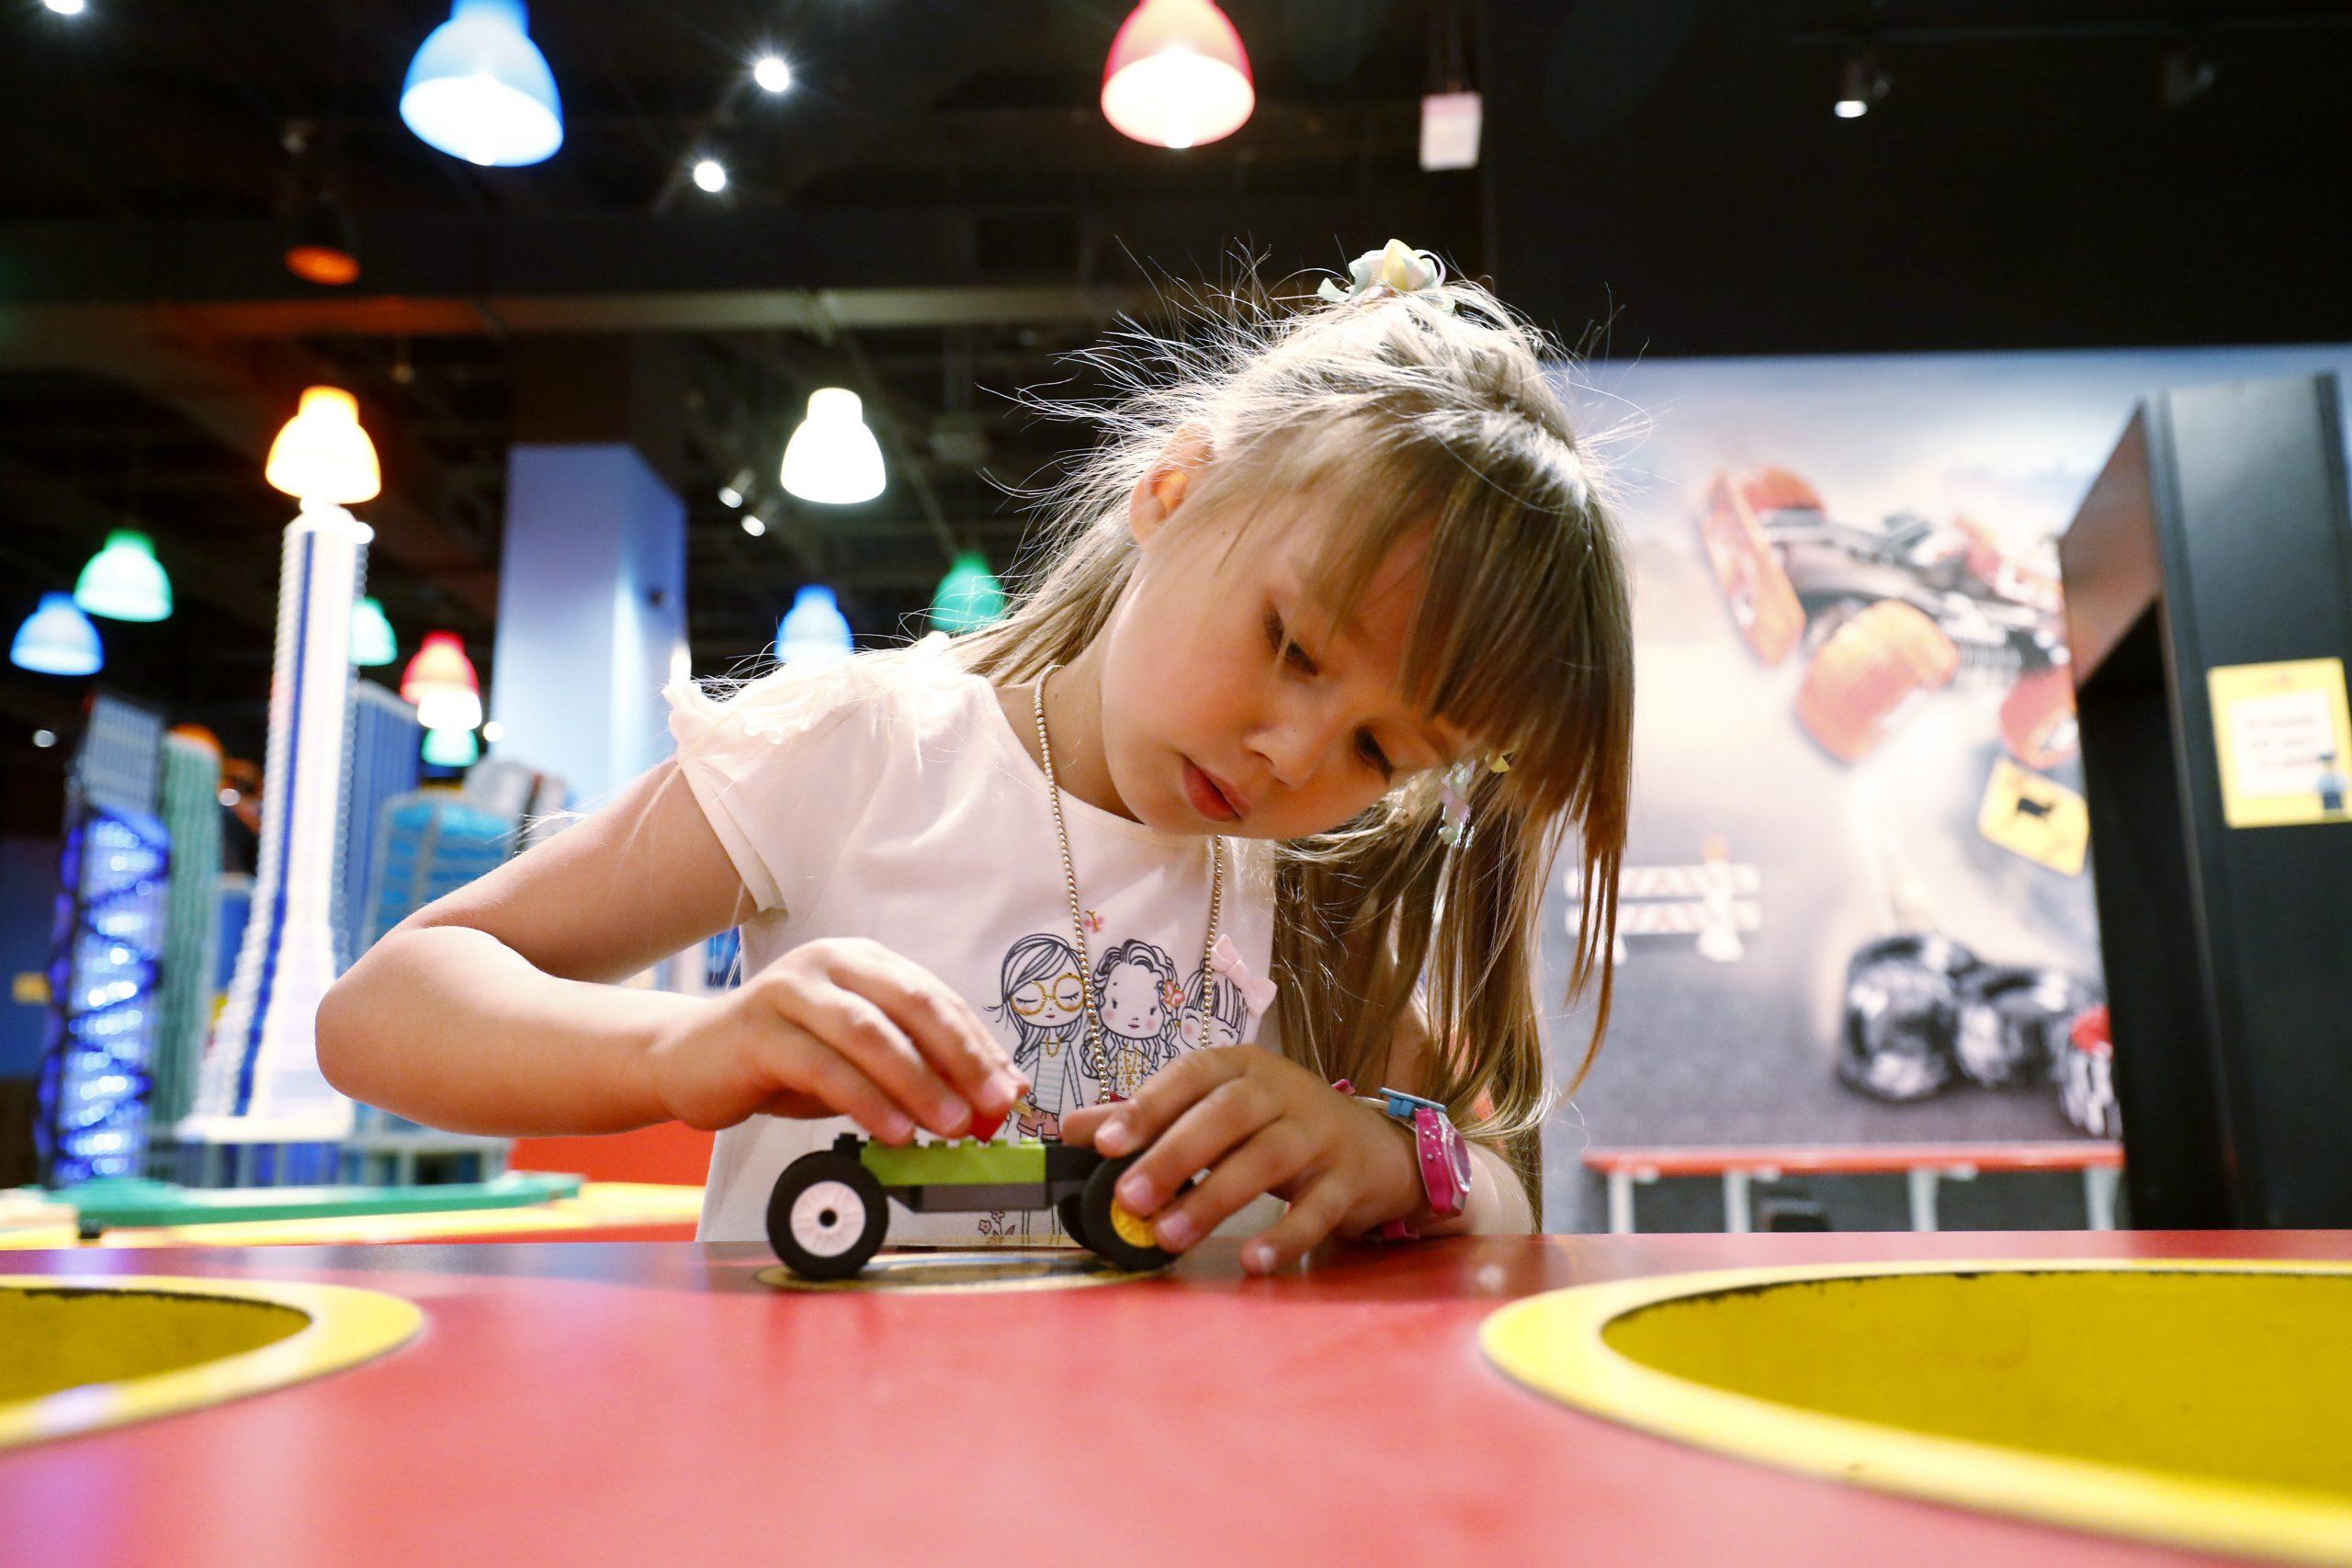 Fille jouant avec une voiture Lego